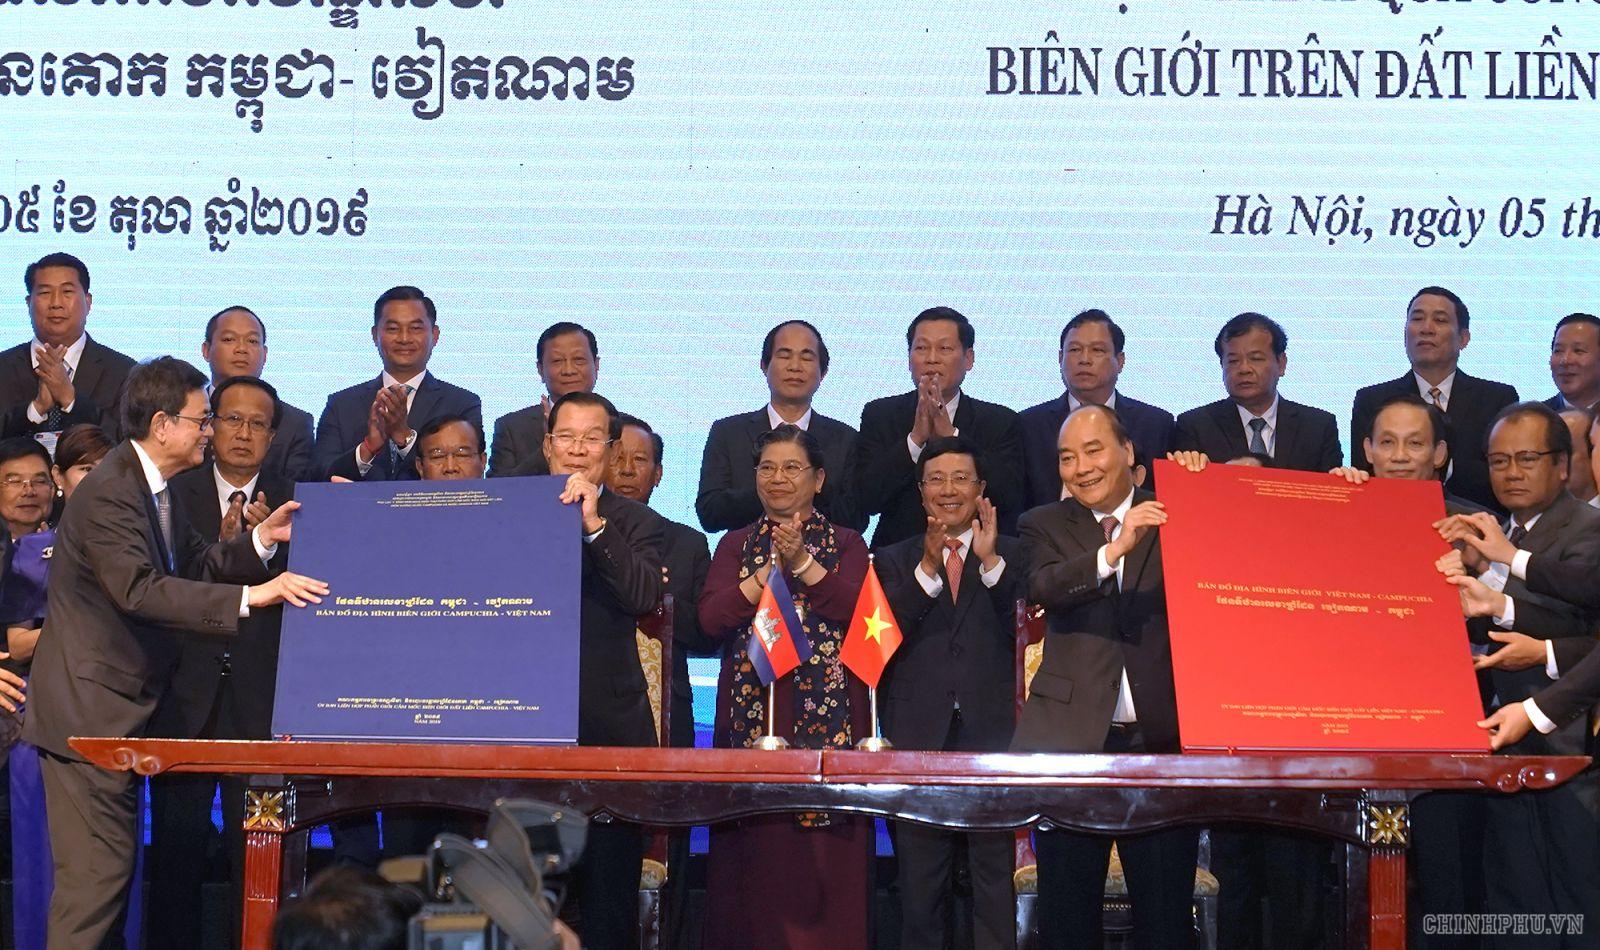 Hai Thủ tướng chứng kiến lễ ký Phụ lục bản đồ đính kèm Nghị định thư phân giới cắm mốc biên giới trên đất liền giữa Việt Nam và  Campuchia. Ảnh: VGP/Quang Hiếu